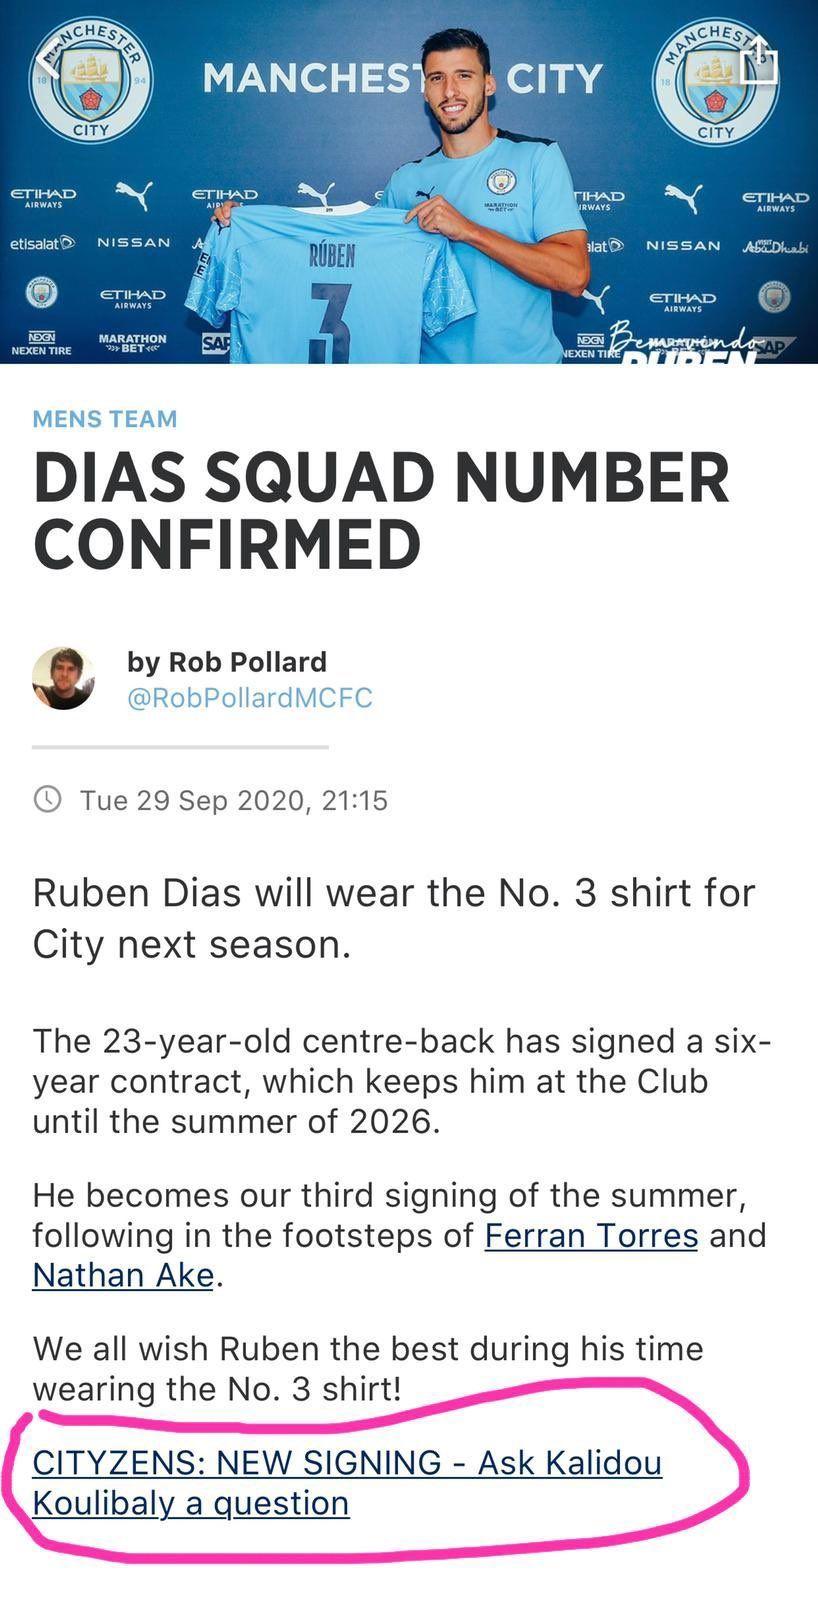 """""""Постав запитання Кулібалі"""". Прес-служба Манчестер Сіті допустила помилку в новині про Рубена Діаша - изображение 1"""